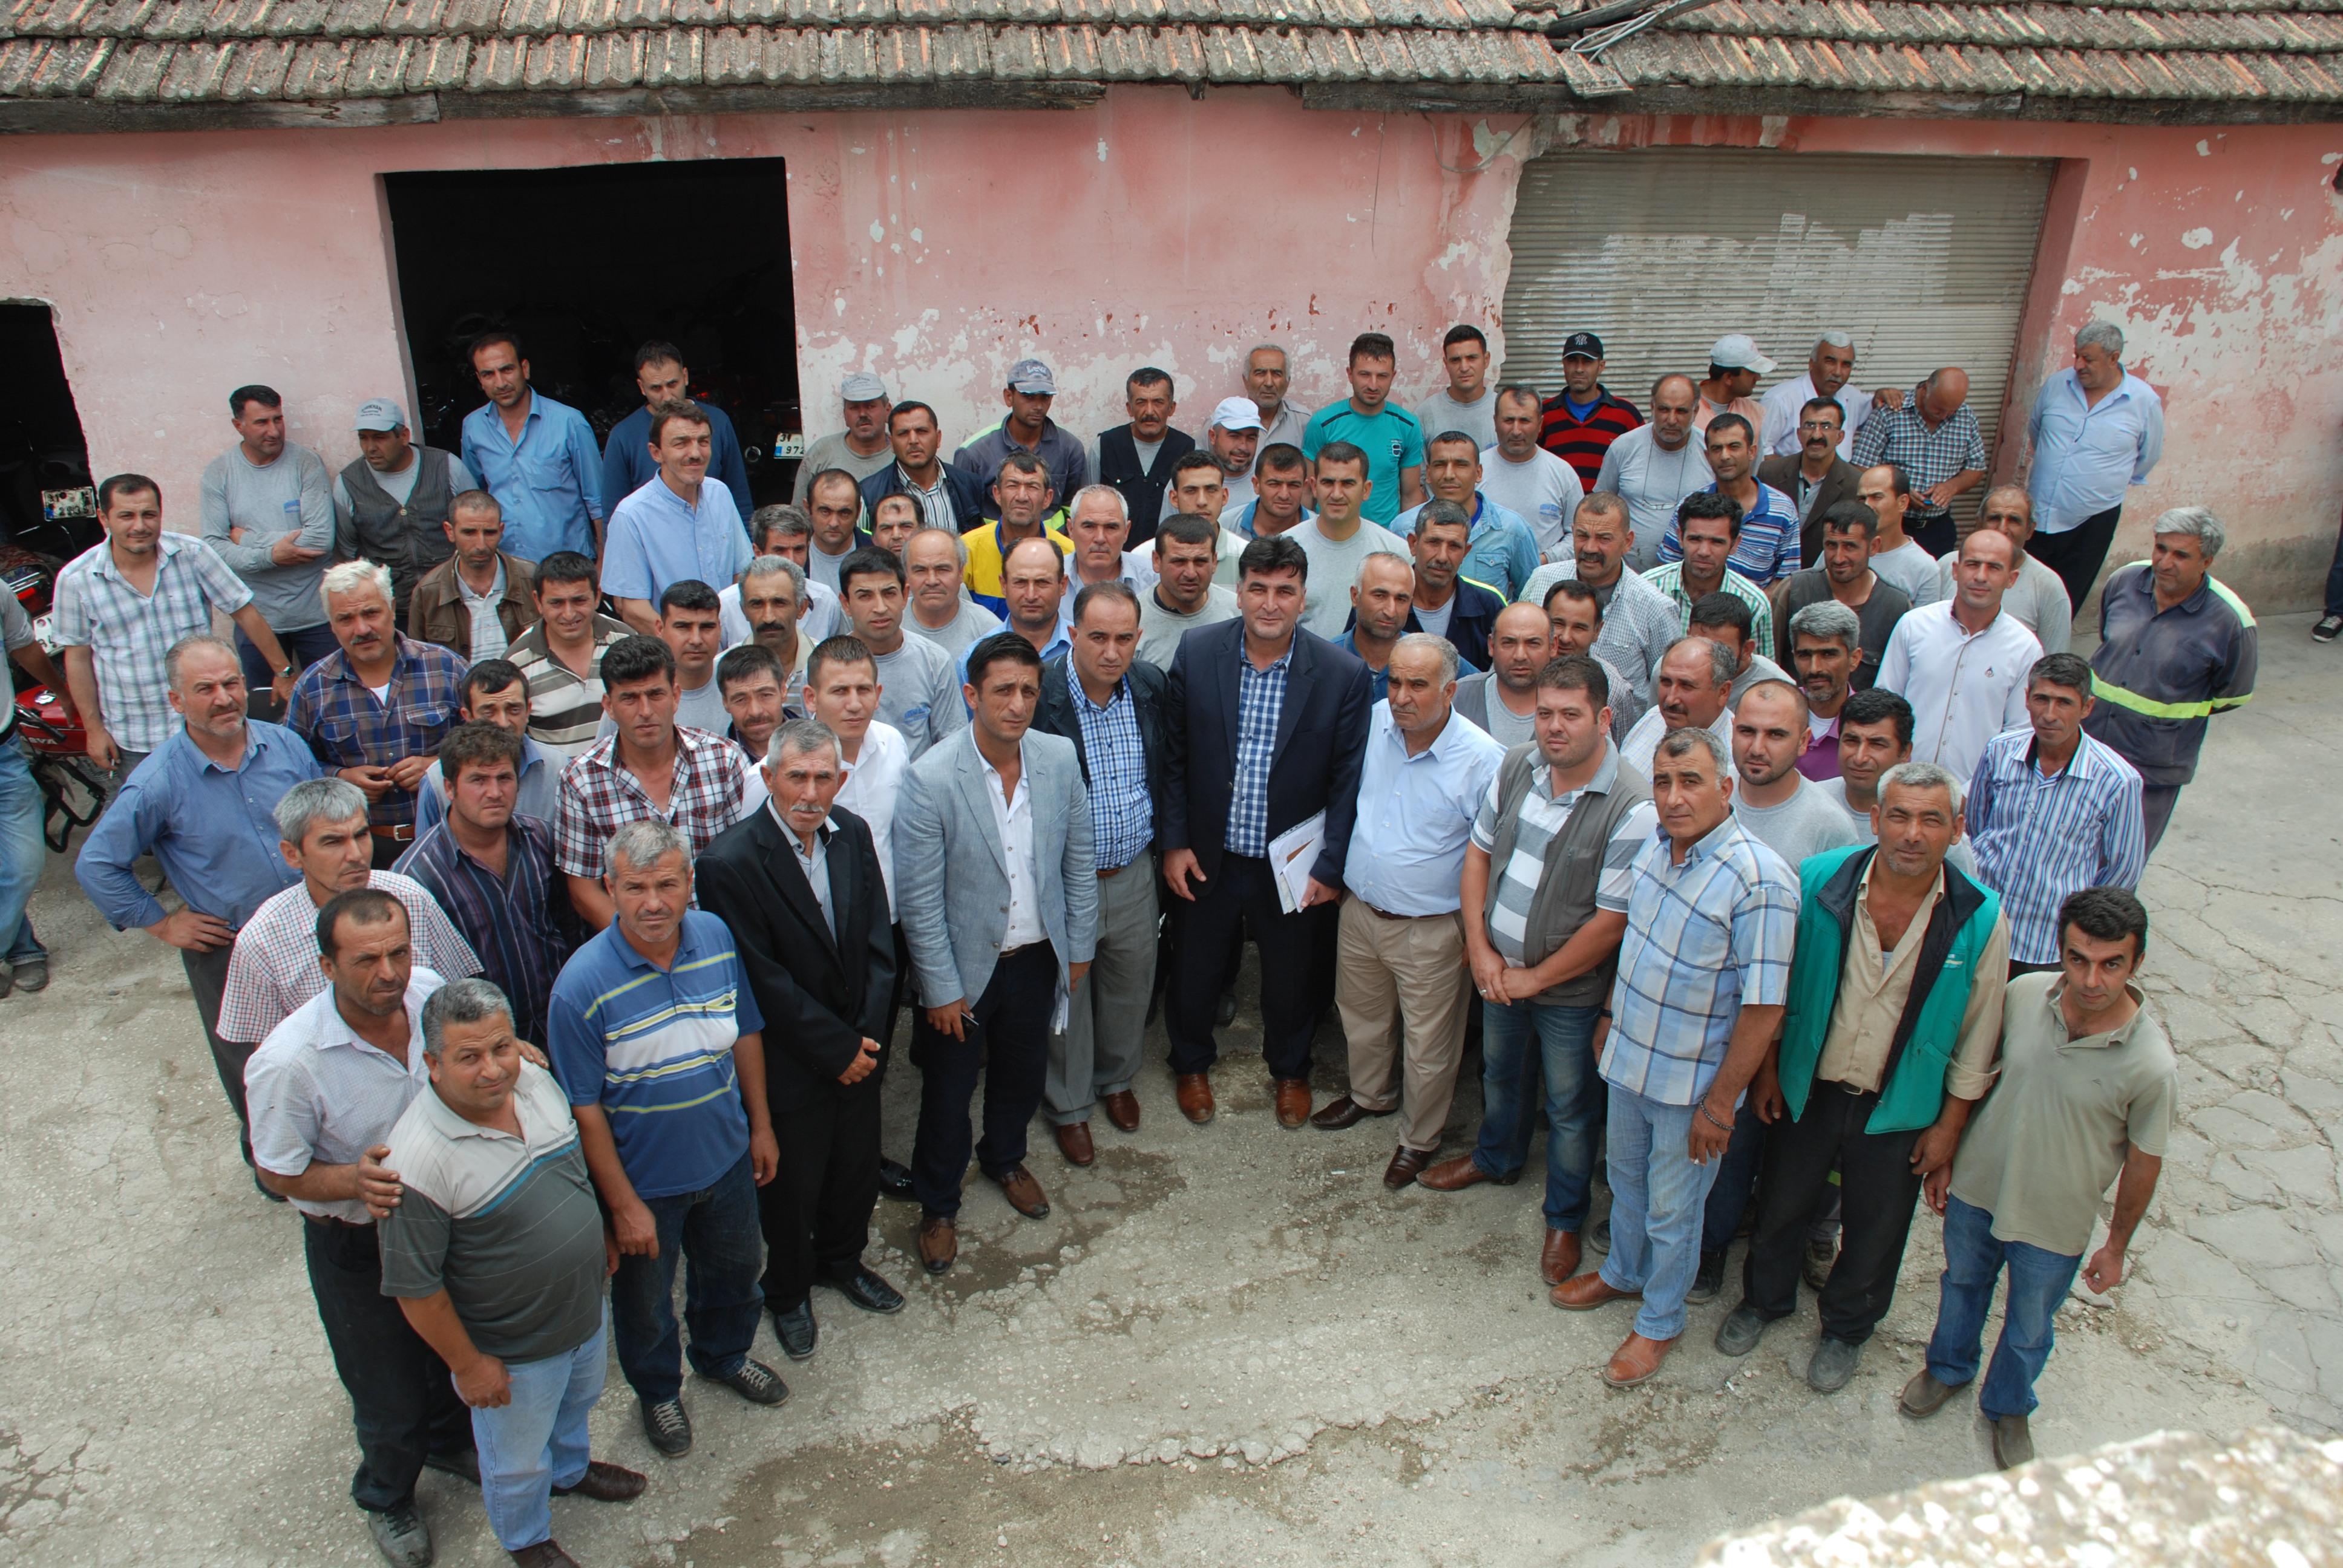 Kırıkhan Belediyesi Temizlik işleri Müdürlüğü Personele Görev Dağılımı Yaptı.